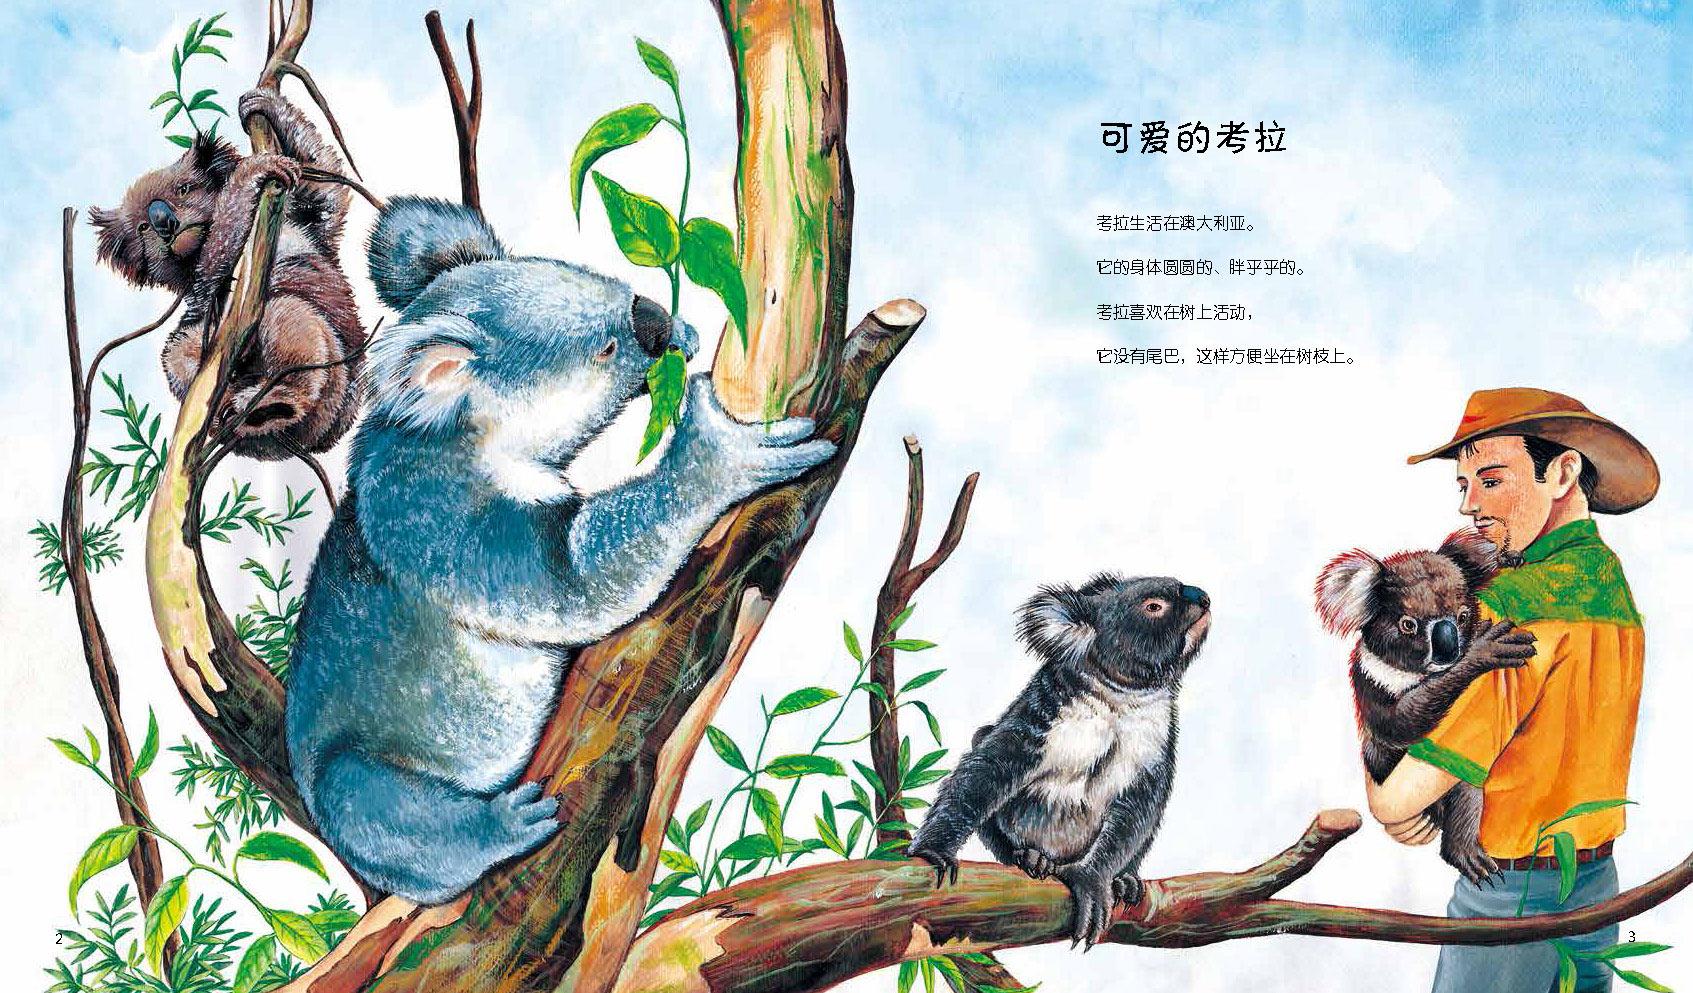 幼儿故事绘本图书 儿童科普百科读物书籍 奇趣动物世界